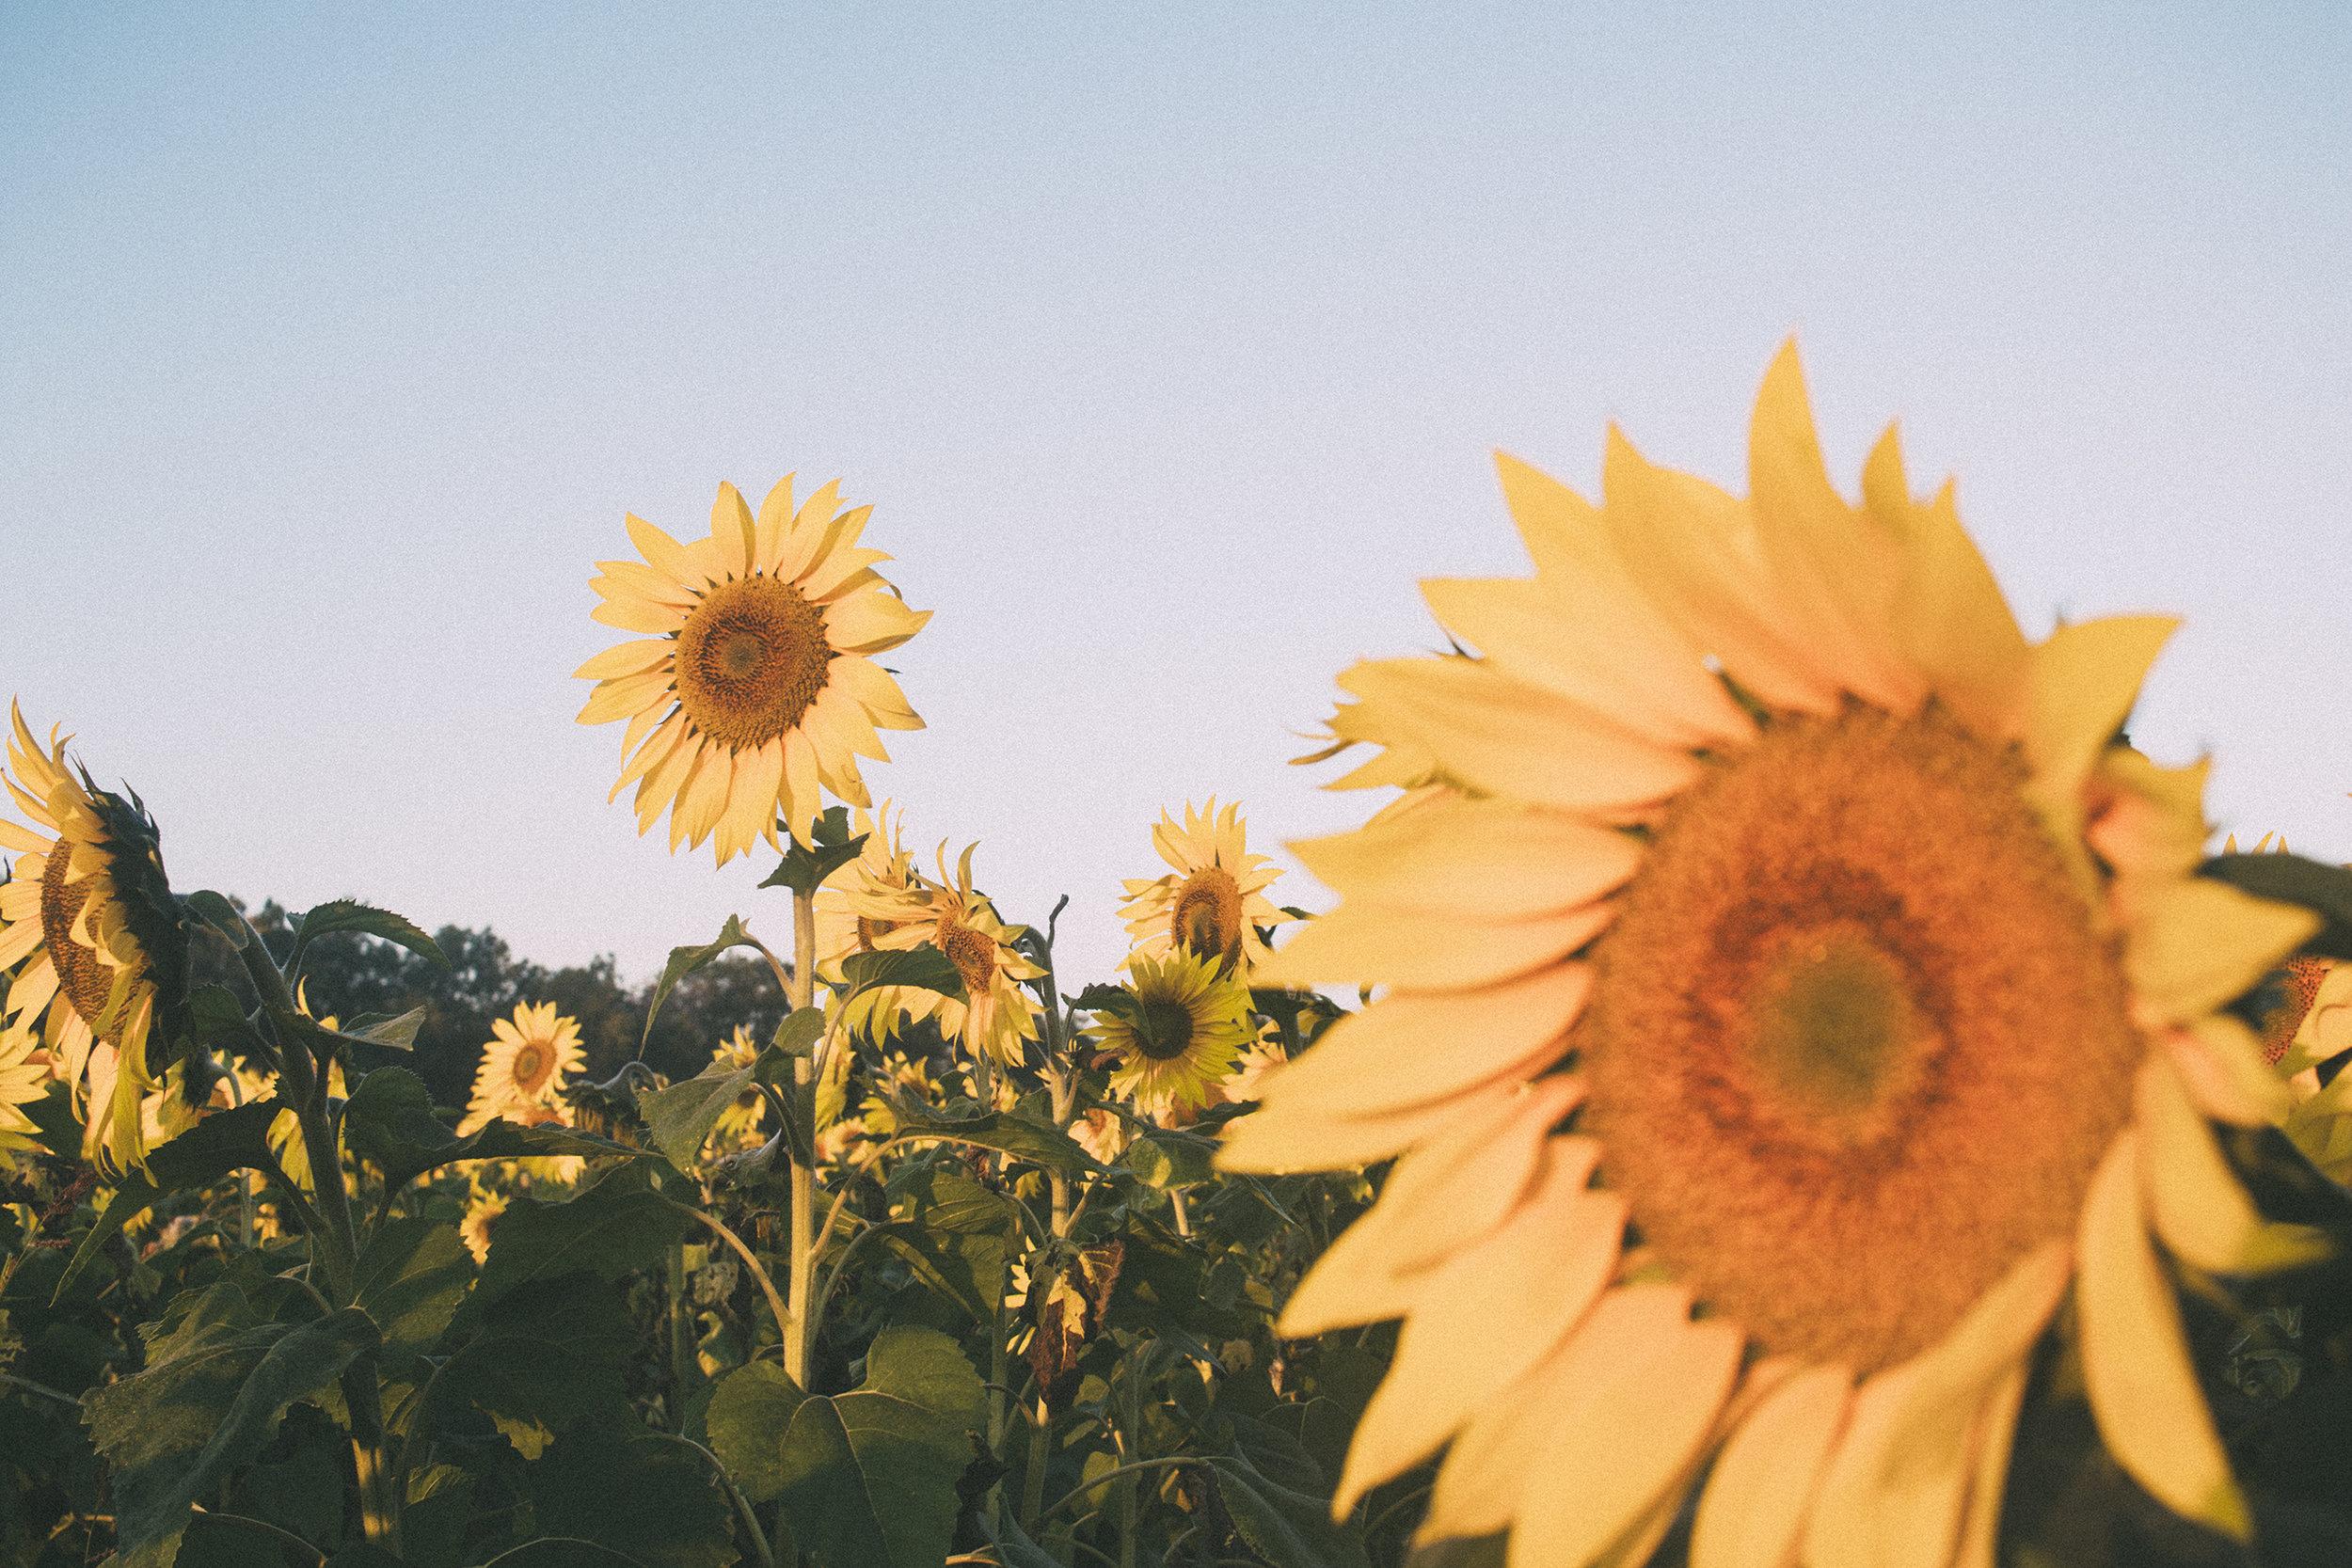 AvonOHSunflowers_09232017_164.jpg